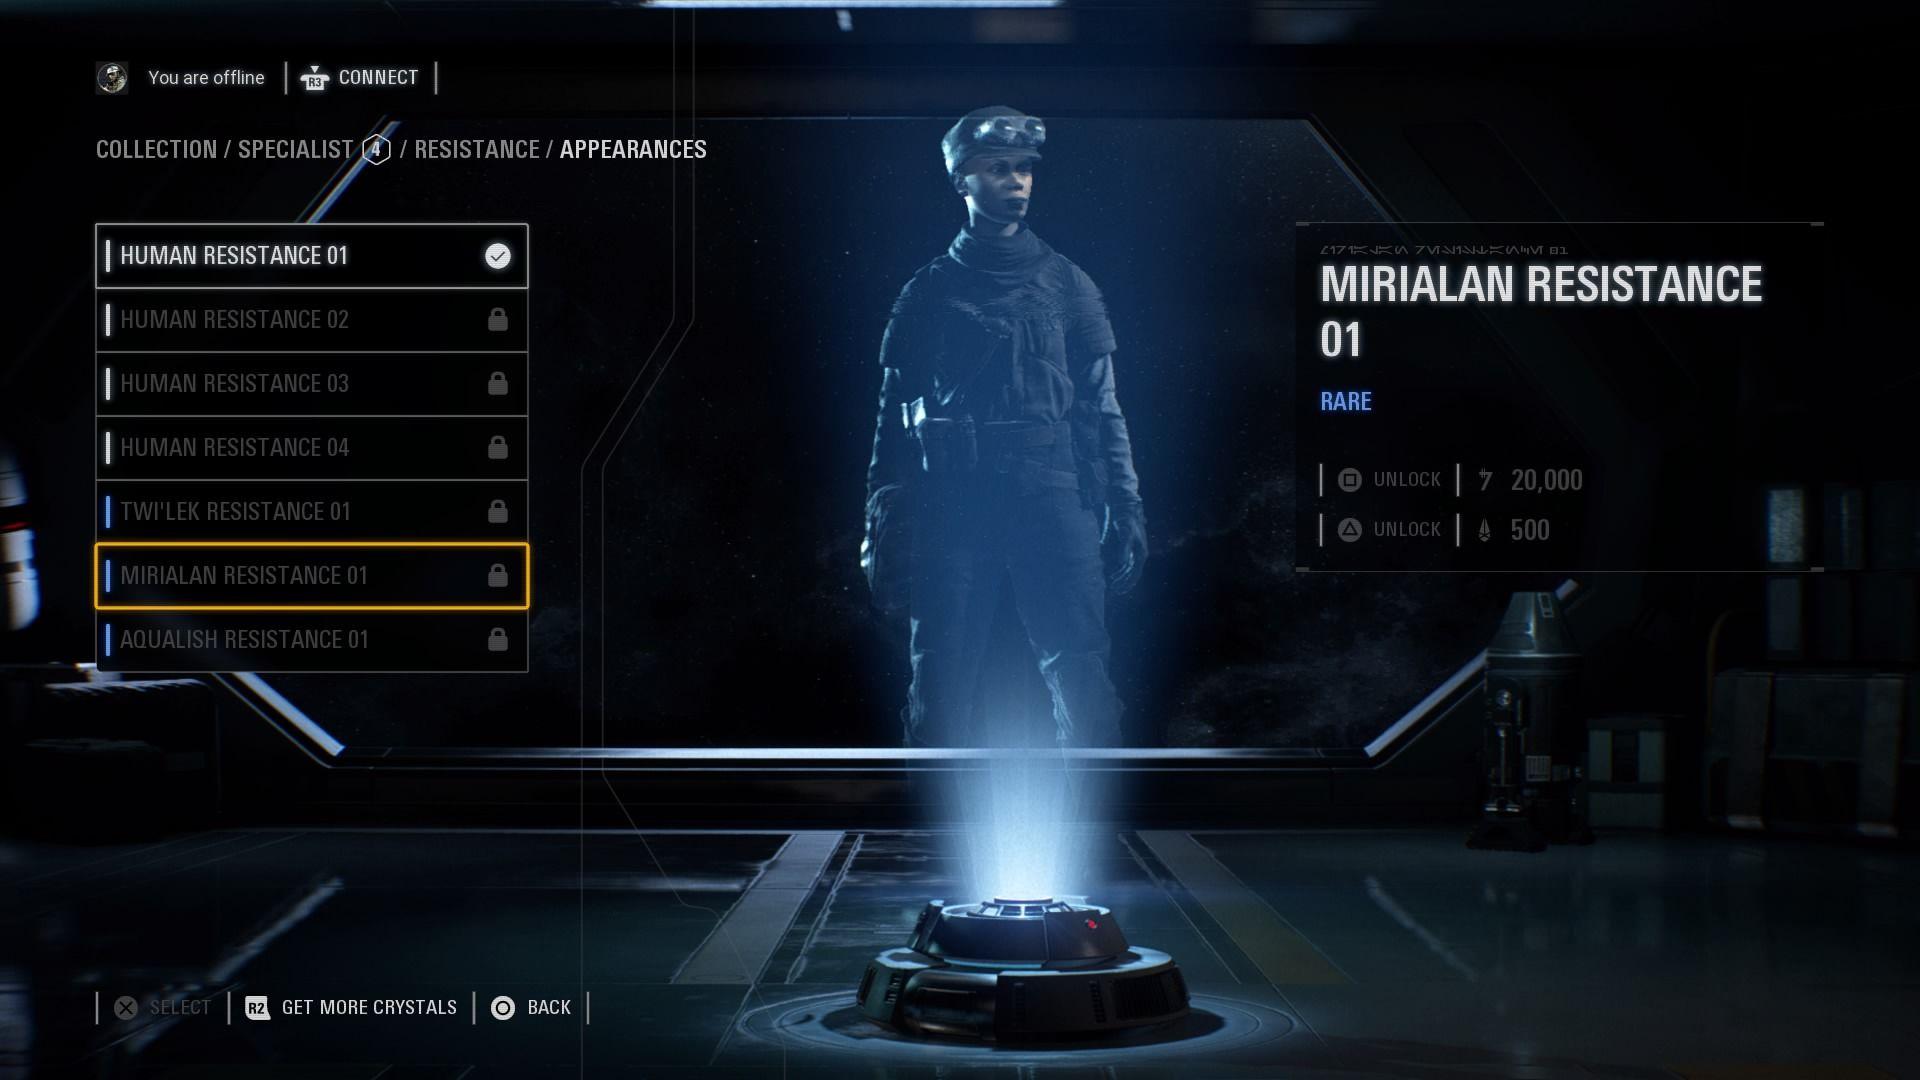 Star Wars Battlefront 2' Skins List - Appearances in April Update